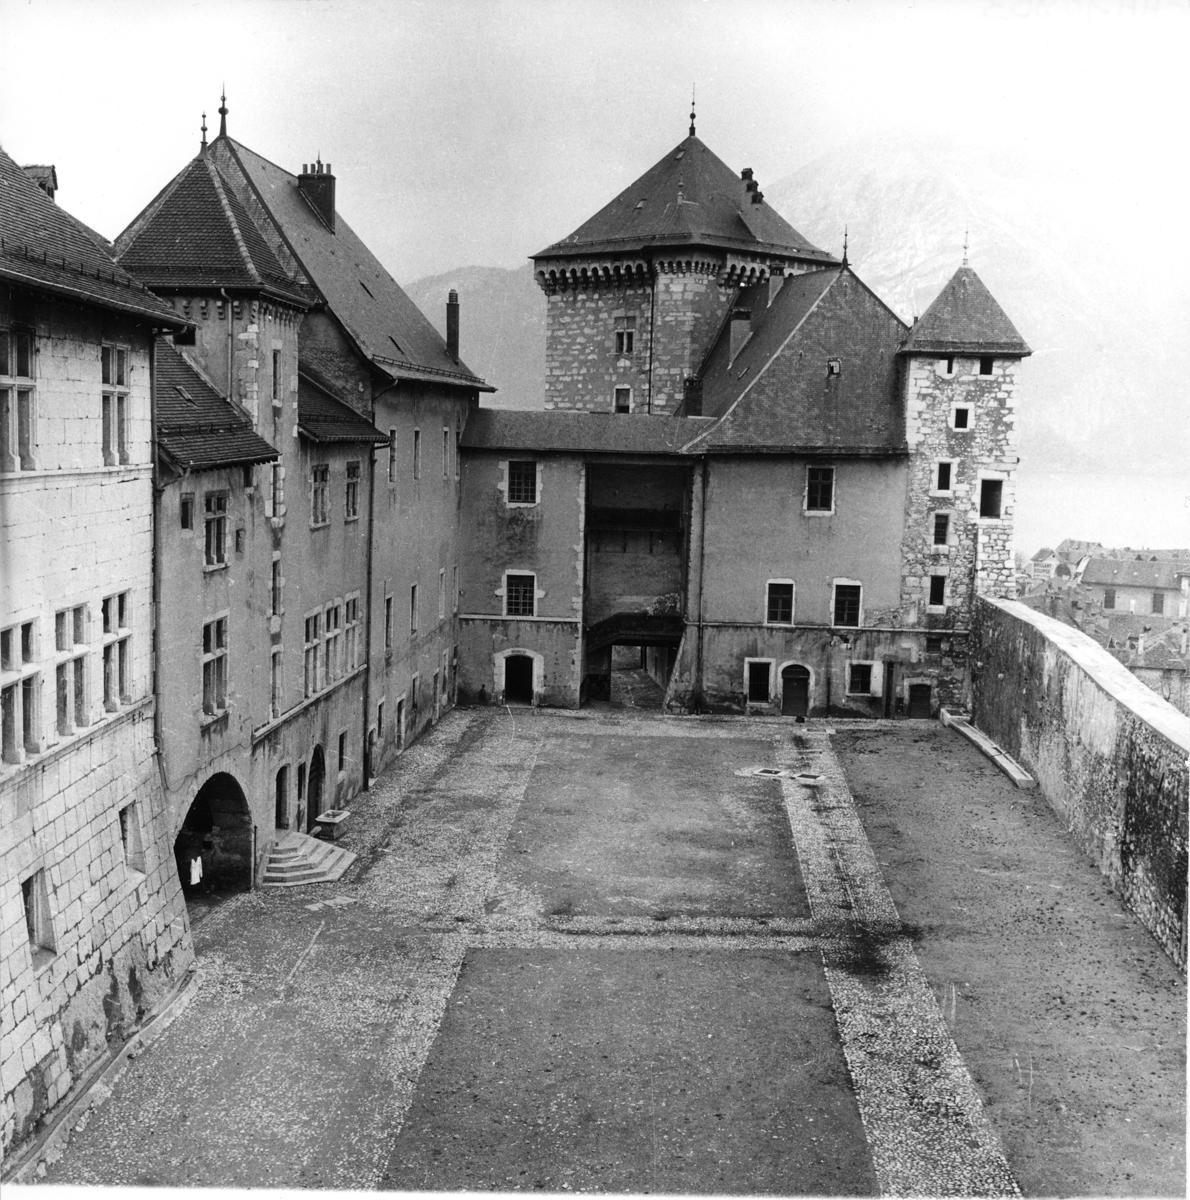 Cour Chateau d Annecy Musee lacs et montagnes